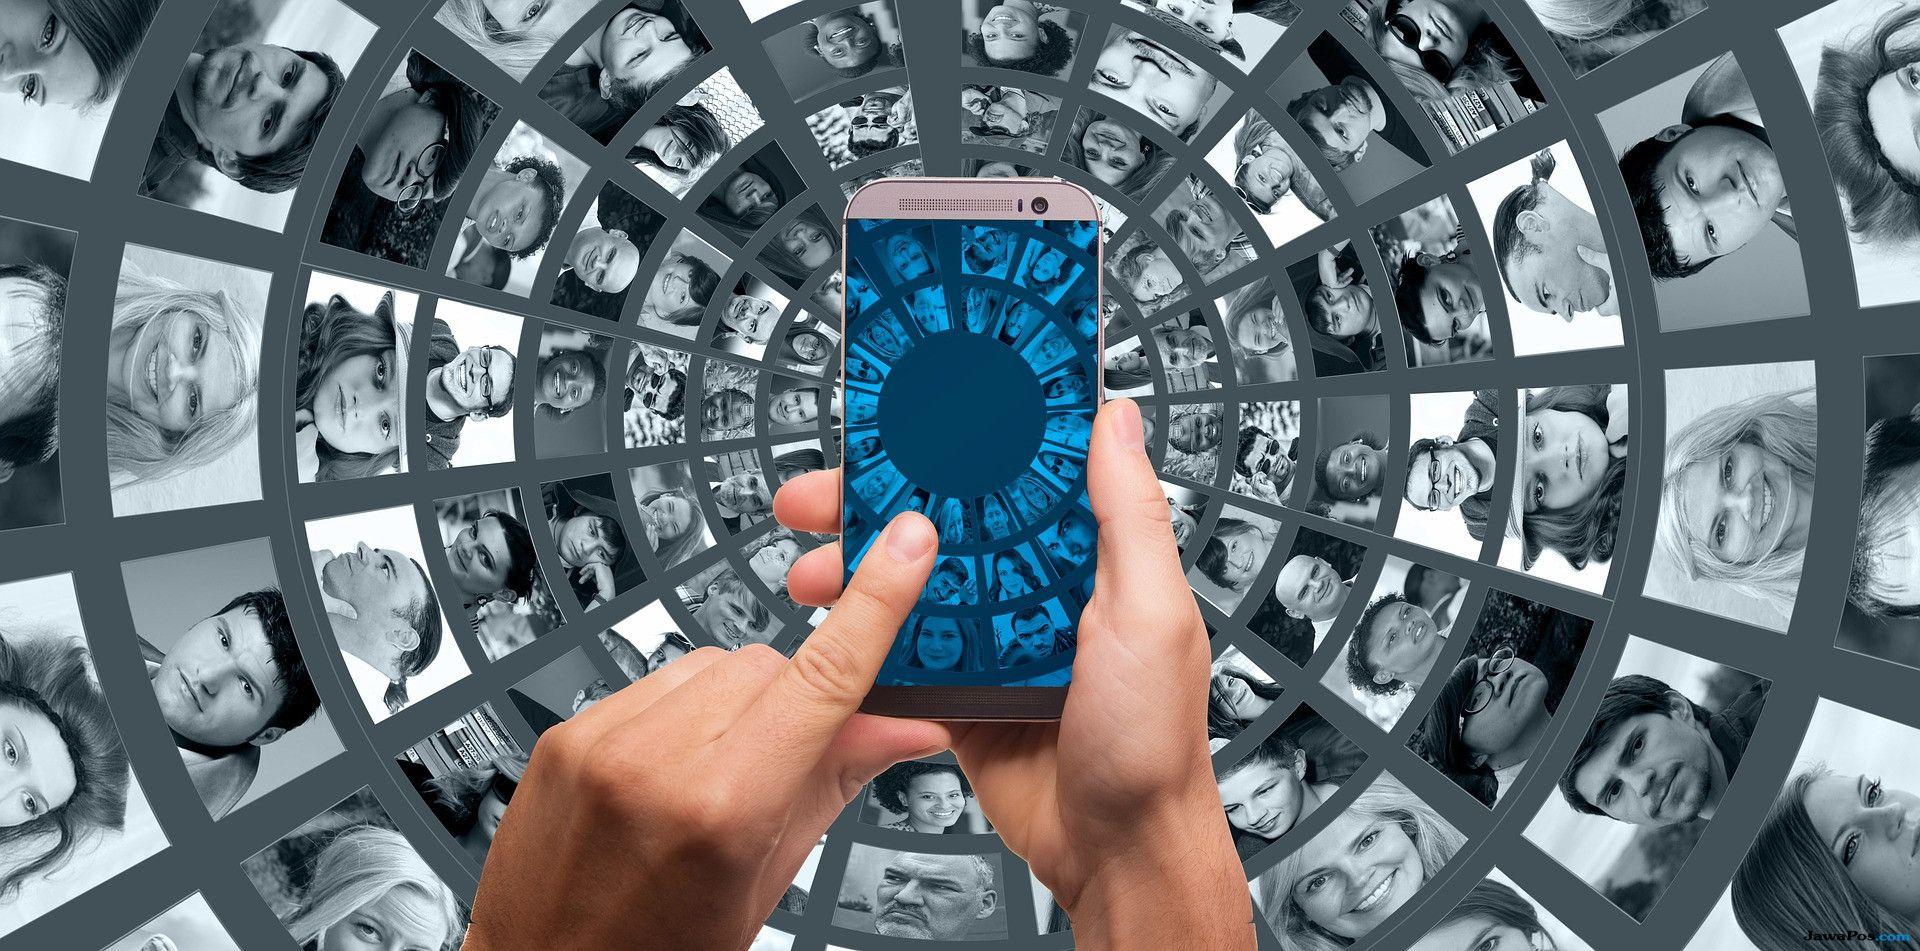 Tiga Alasan Aplikasi Tik Tok Harus Diblokir